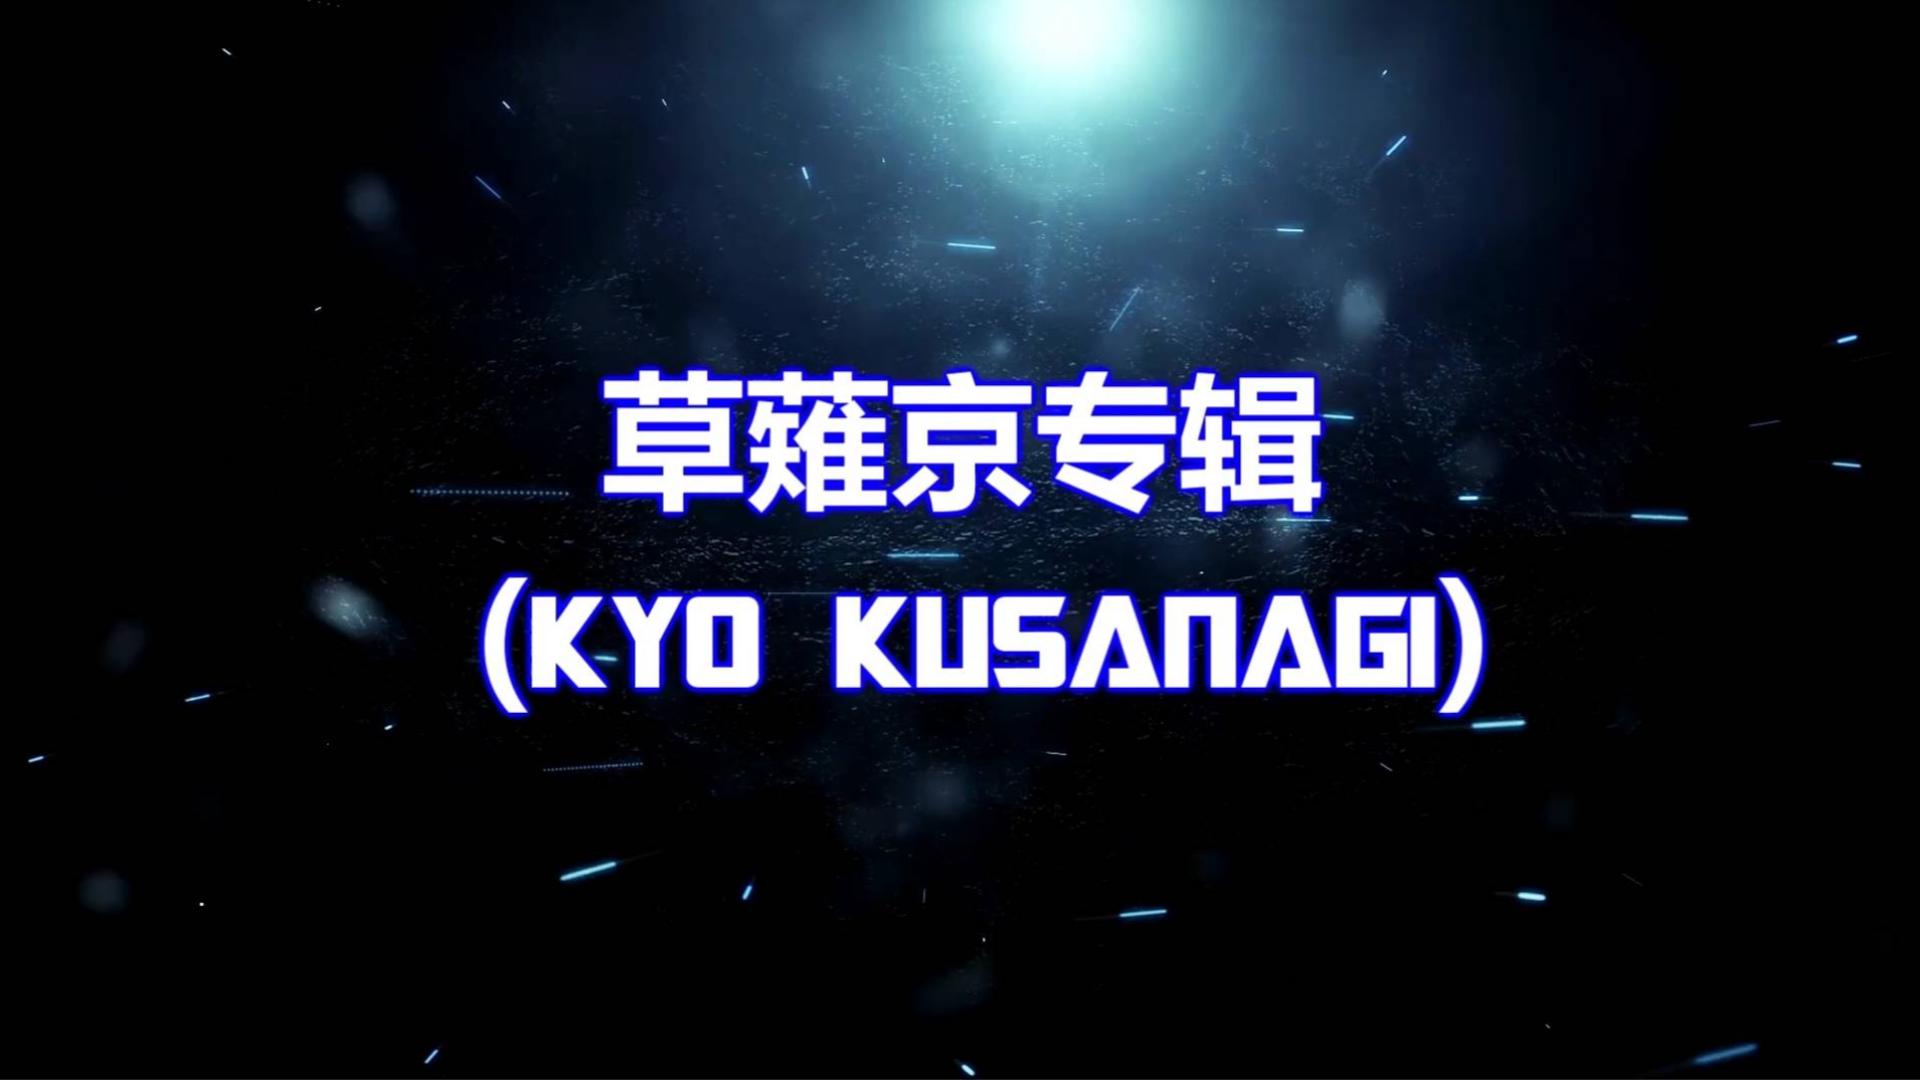 拳皇系列草薙京连击合集,看完表示我们玩的不是同一个游戏